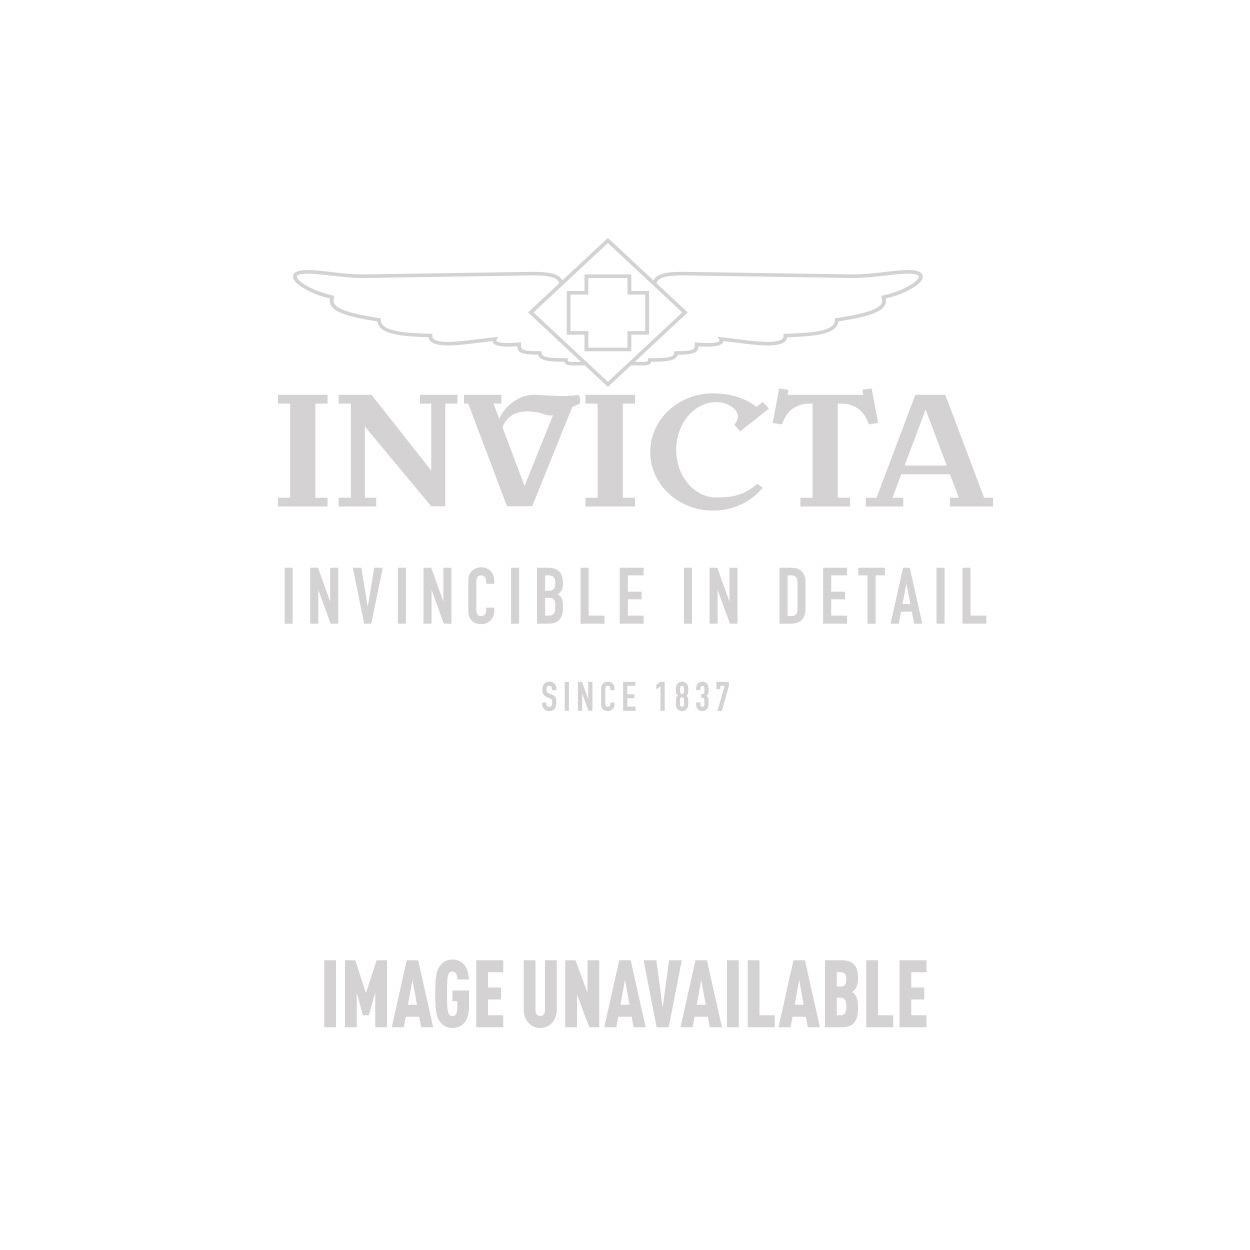 Invicta Model 27291